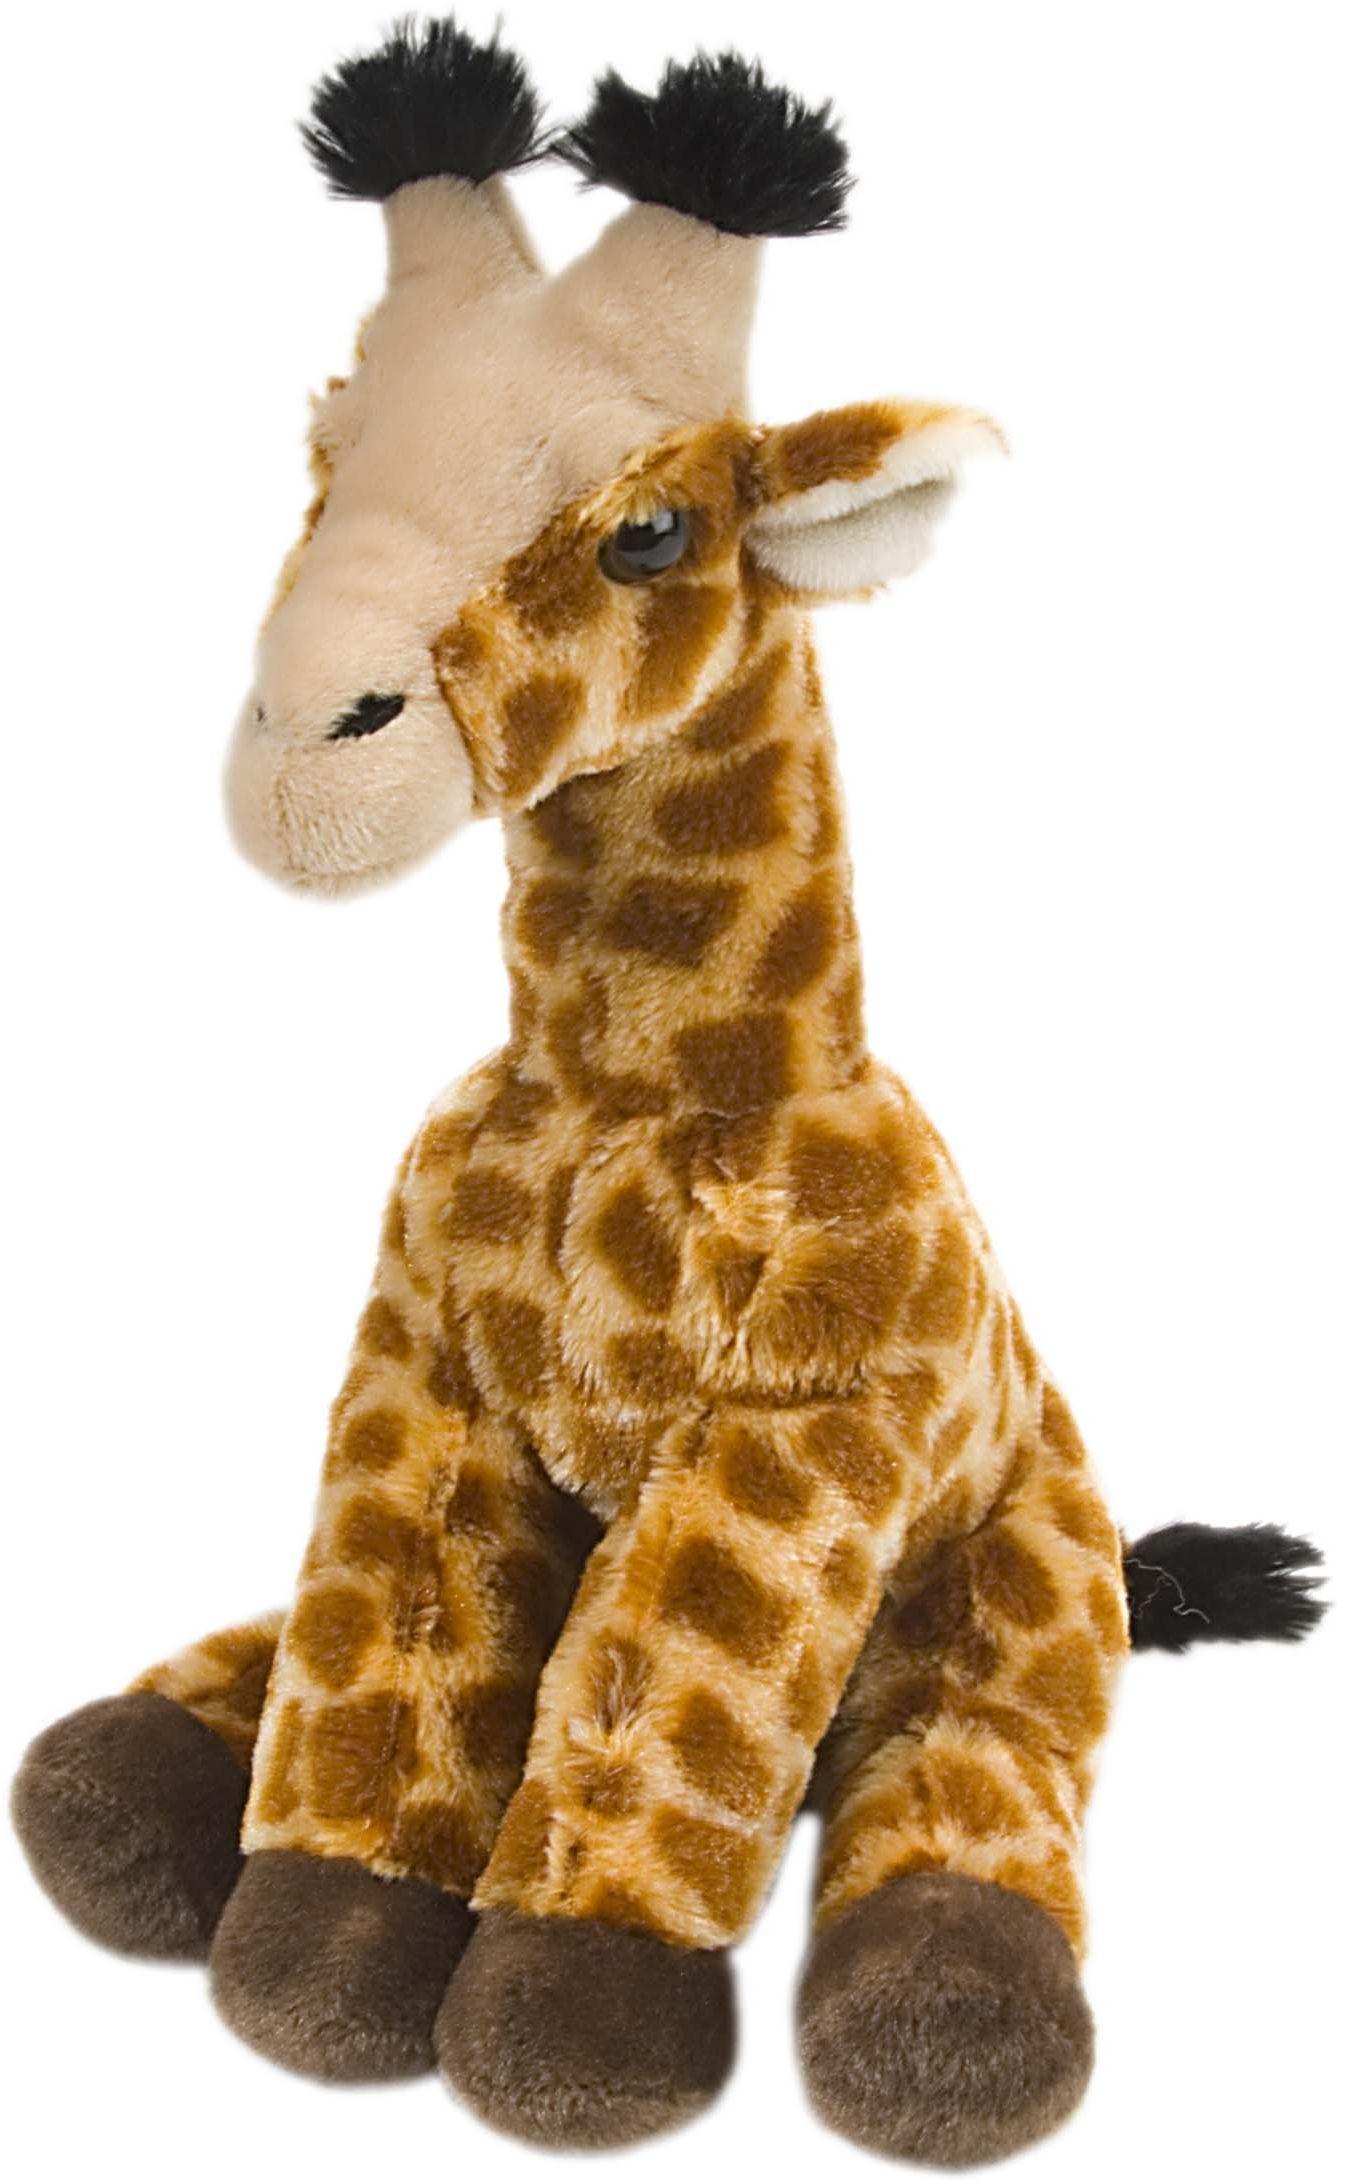 Wild Republic Pluszowa pluszowa zabawka dla niemowląt z żyrafą, zabawki do przytulania, prezenty dla dzieci 30 cm